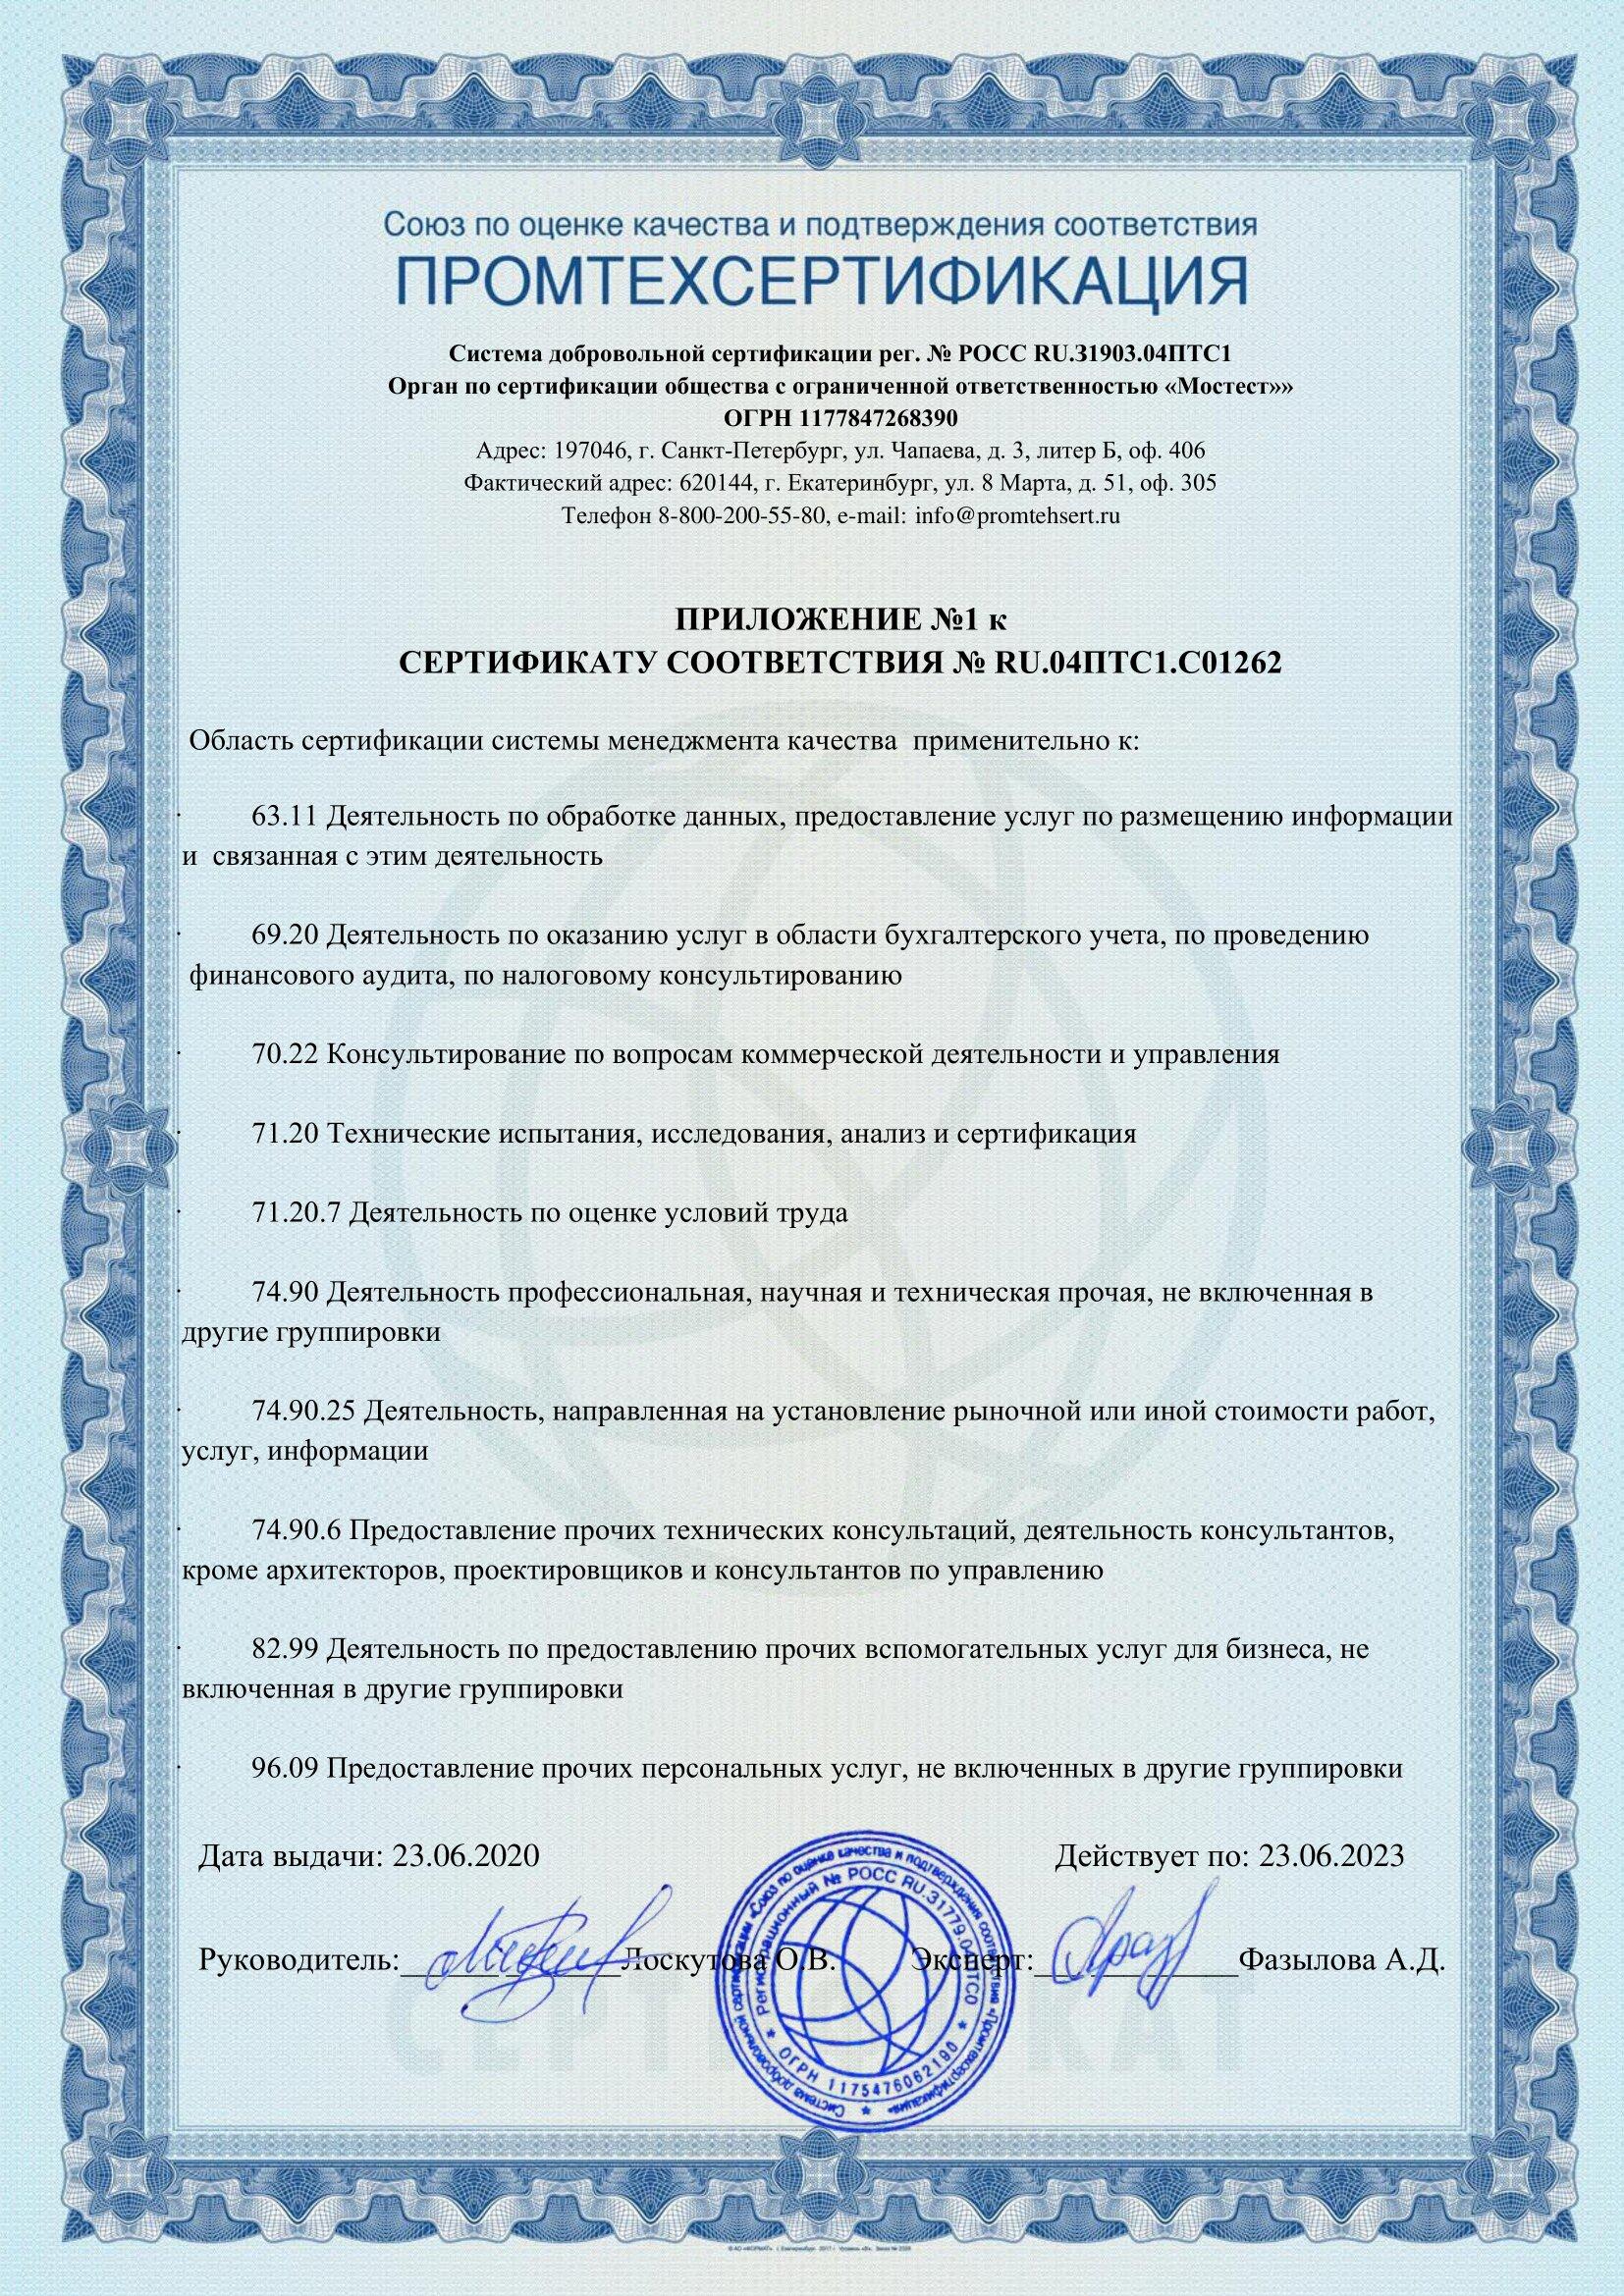 Приложение к сертификату1 СМК